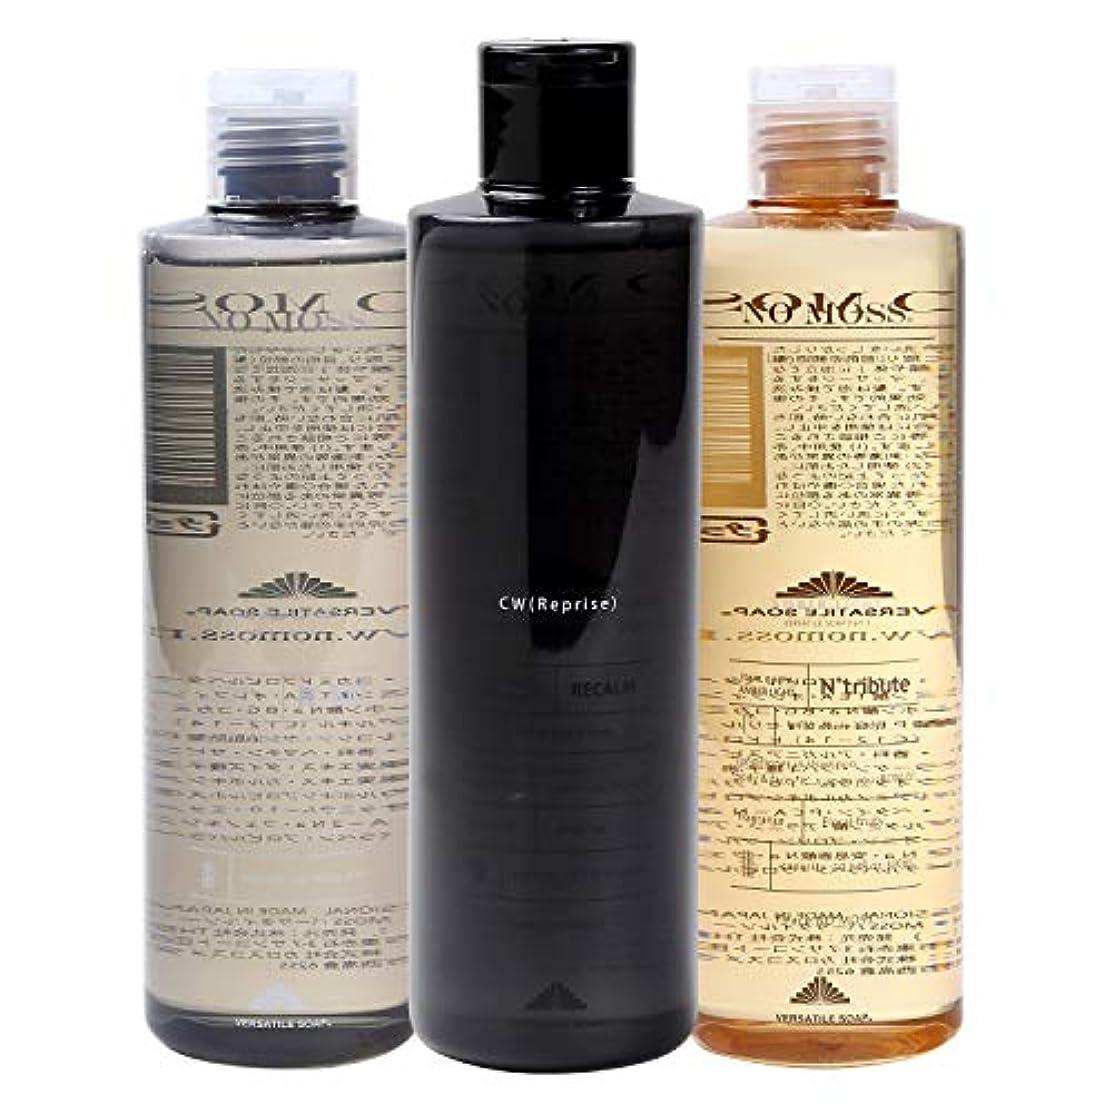 ブロッサム使い込む表示NO MOSS VERSATILE SOAP(ノーモス バーサタイル ソープ) 300ml FULLセット